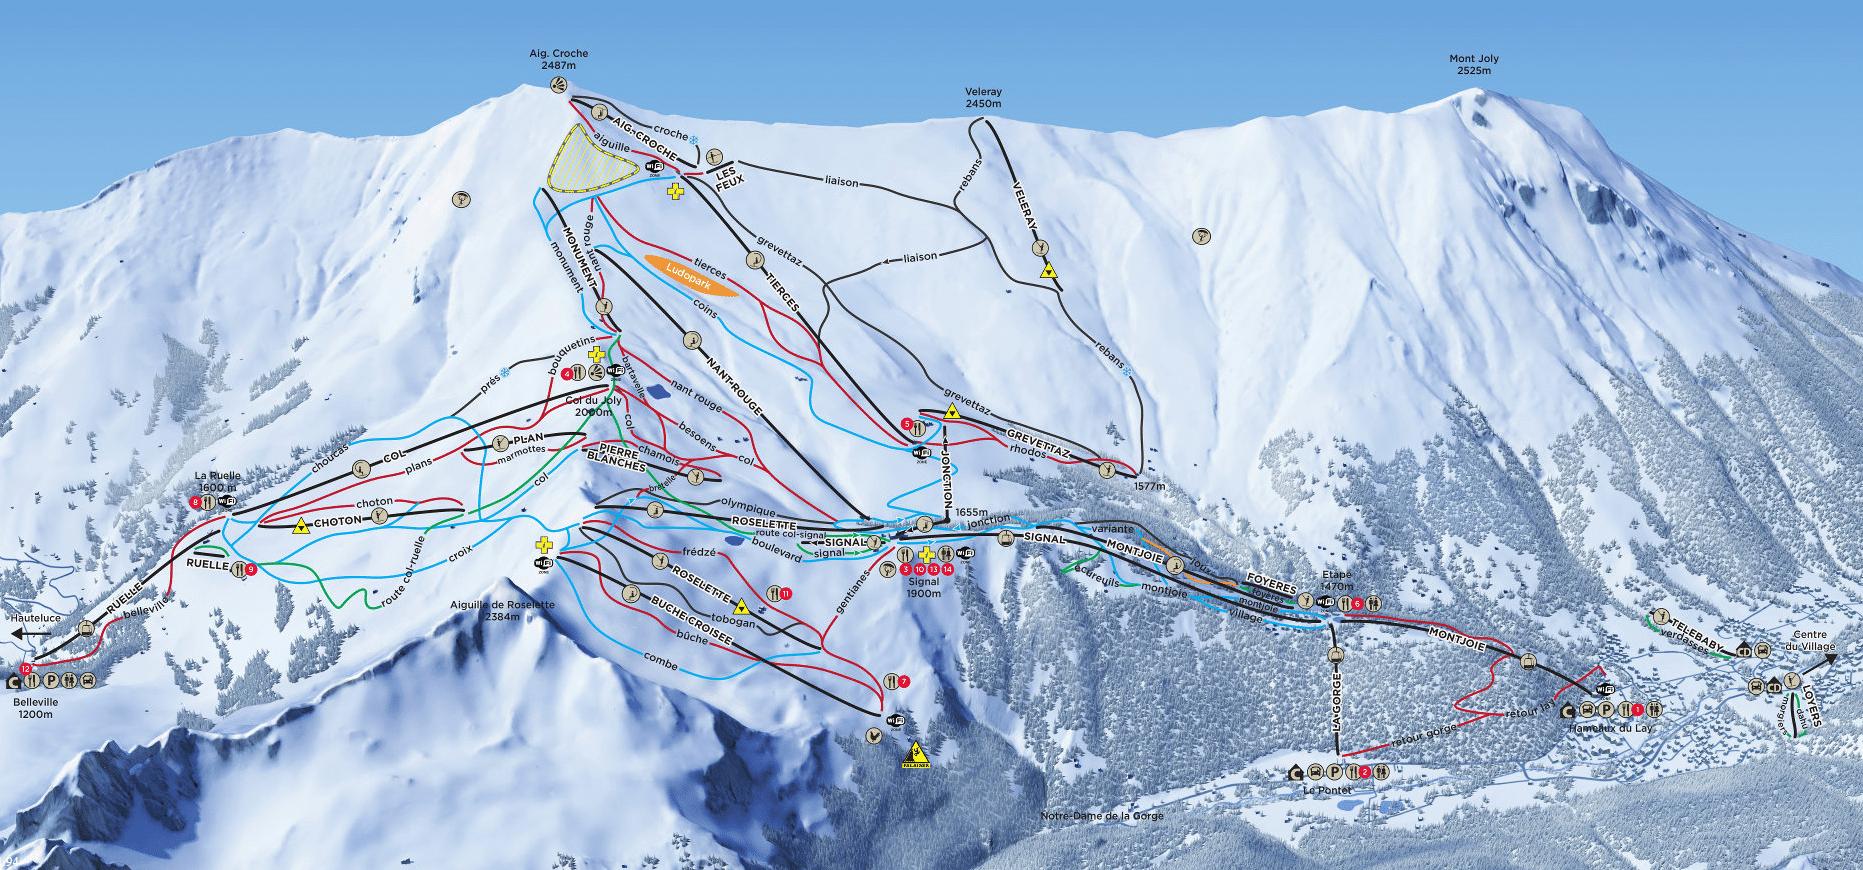 Les Contamines Montjoie - Plan des pistes de ski